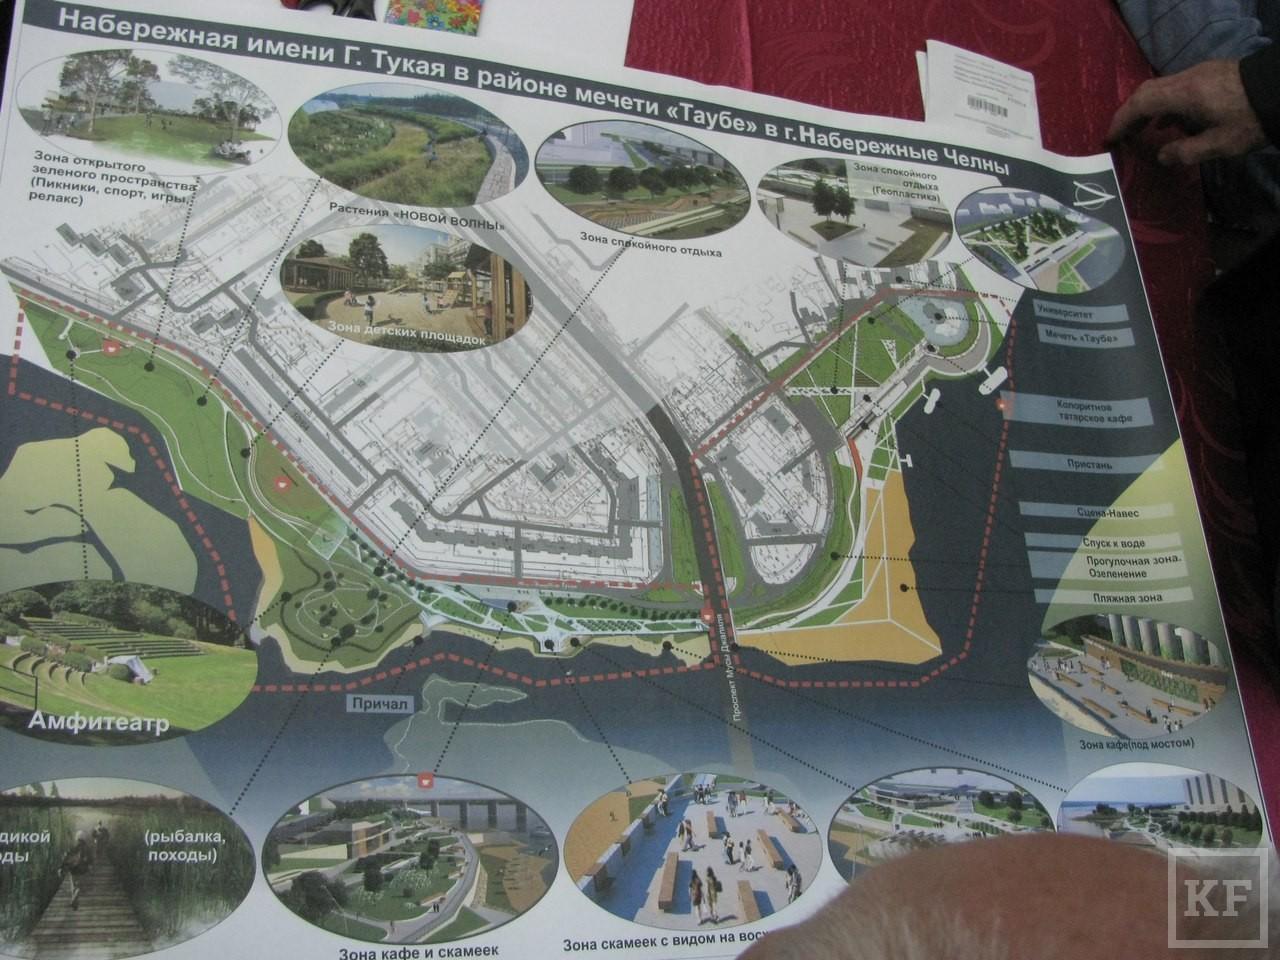 Общественное обсуждение реконструкции набережной Тукая в Челнах зашло в тупик: рабочие группы не хотят видеть на ней продажу алкоголя